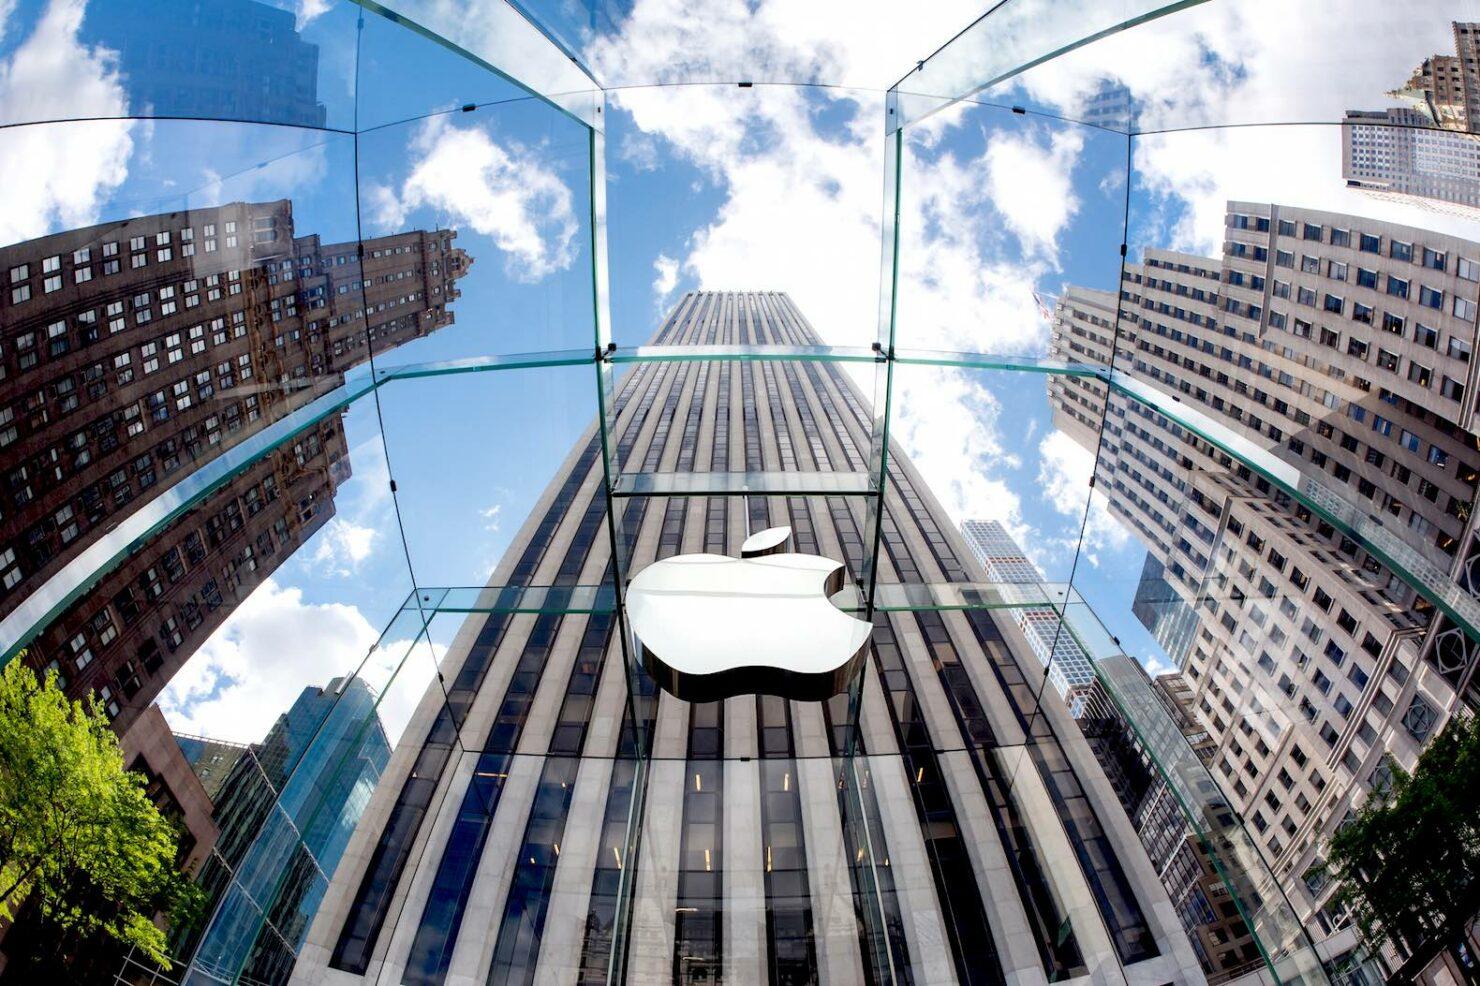 Apple lawsuit slowing down iPhones